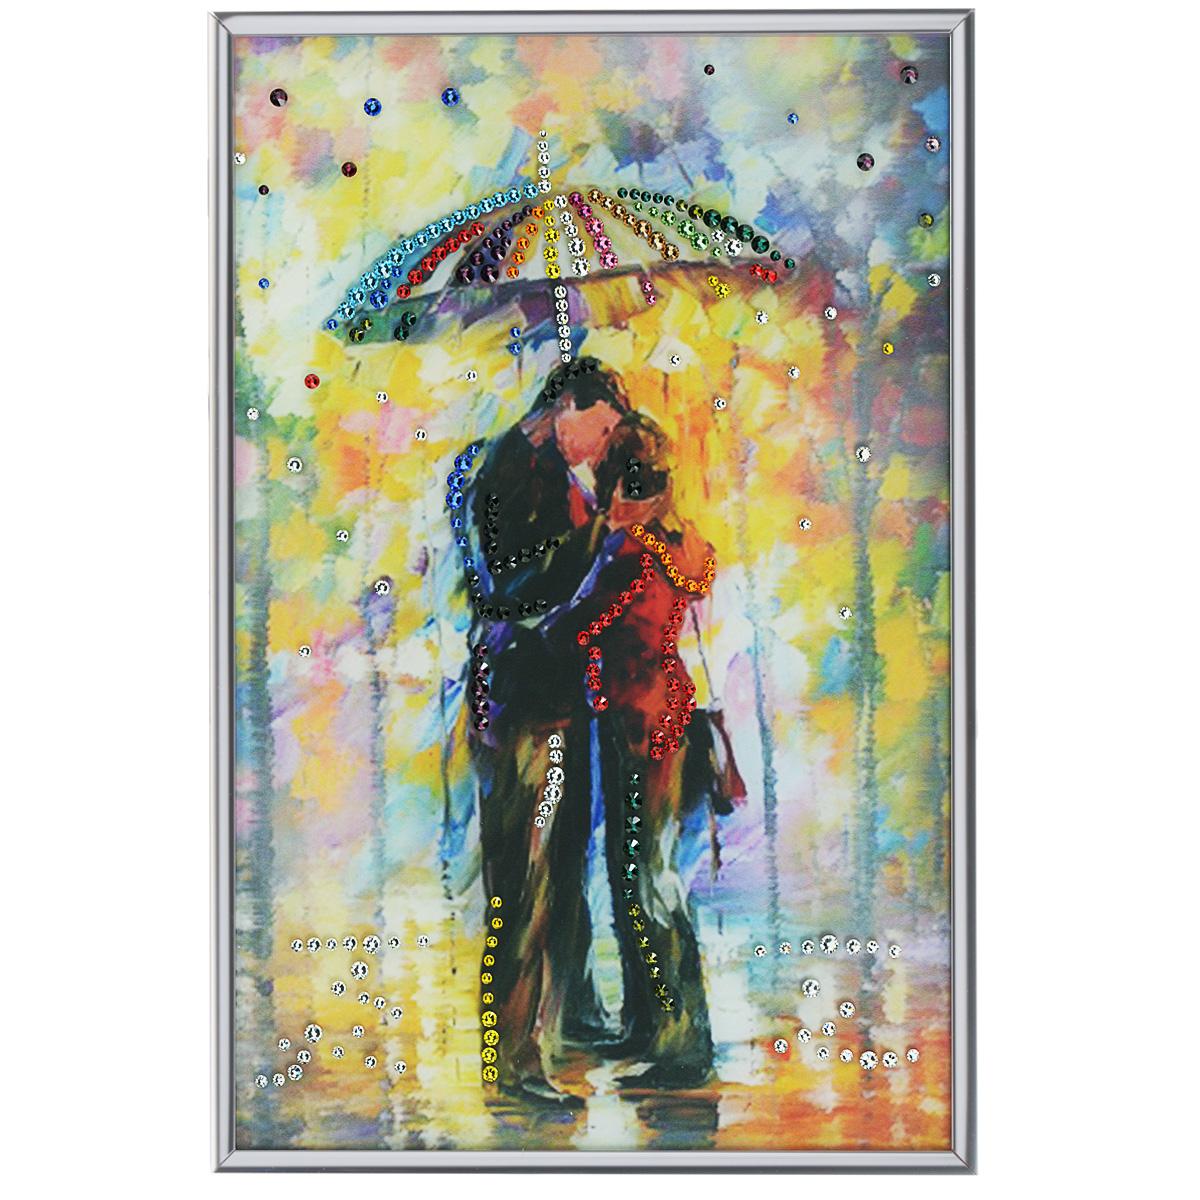 Картина с кристаллами Swarovski Под зонтом, 20 см х 30 смIDEA CT3-08Изящная картина в алюминиевой раме Под зонтом инкрустирована кристаллами Swarovski, которые отличаются четкой и ровной огранкой, ярким блеском и чистотой цвета. Идеально подобранная палитра кристаллов прекрасно дополняет картину. С задней стороны изделие оснащено специальной металлической петелькой для размещения на стене. Картина с кристаллами Swarovski элегантно украсит интерьер дома, а также станет прекрасным подарком, который обязательно понравится получателю. Блеск кристаллов в интерьере - что может быть сказочнее и удивительнее. Изделие упаковано в подарочную картонную коробку синего цвета и комплектуется сертификатом соответствия Swarovski.